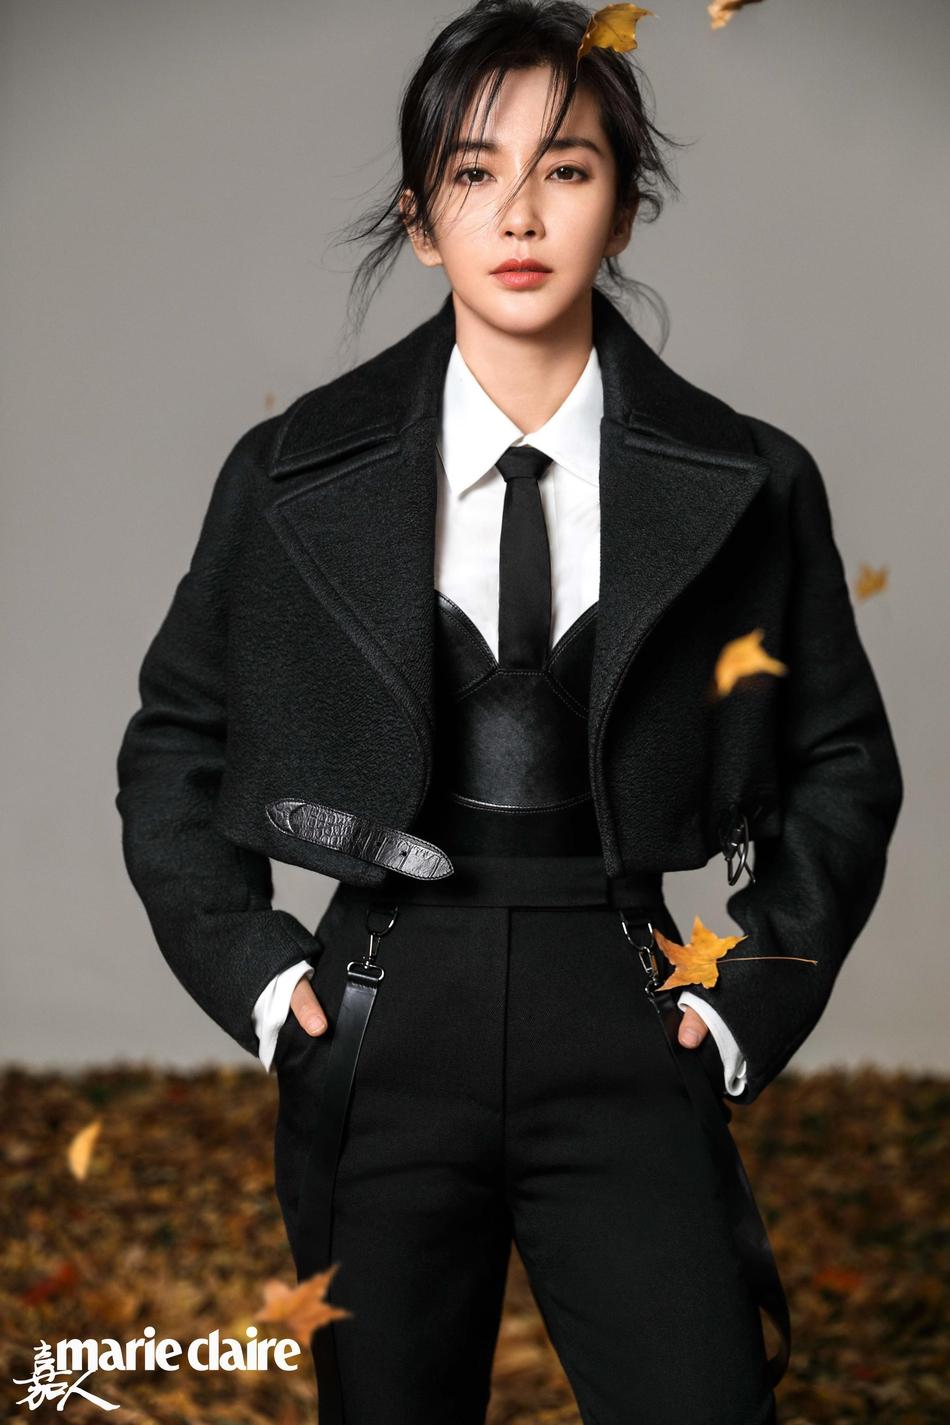 李冰冰开年封面大片曝光 迷人秋色中展帅气风格